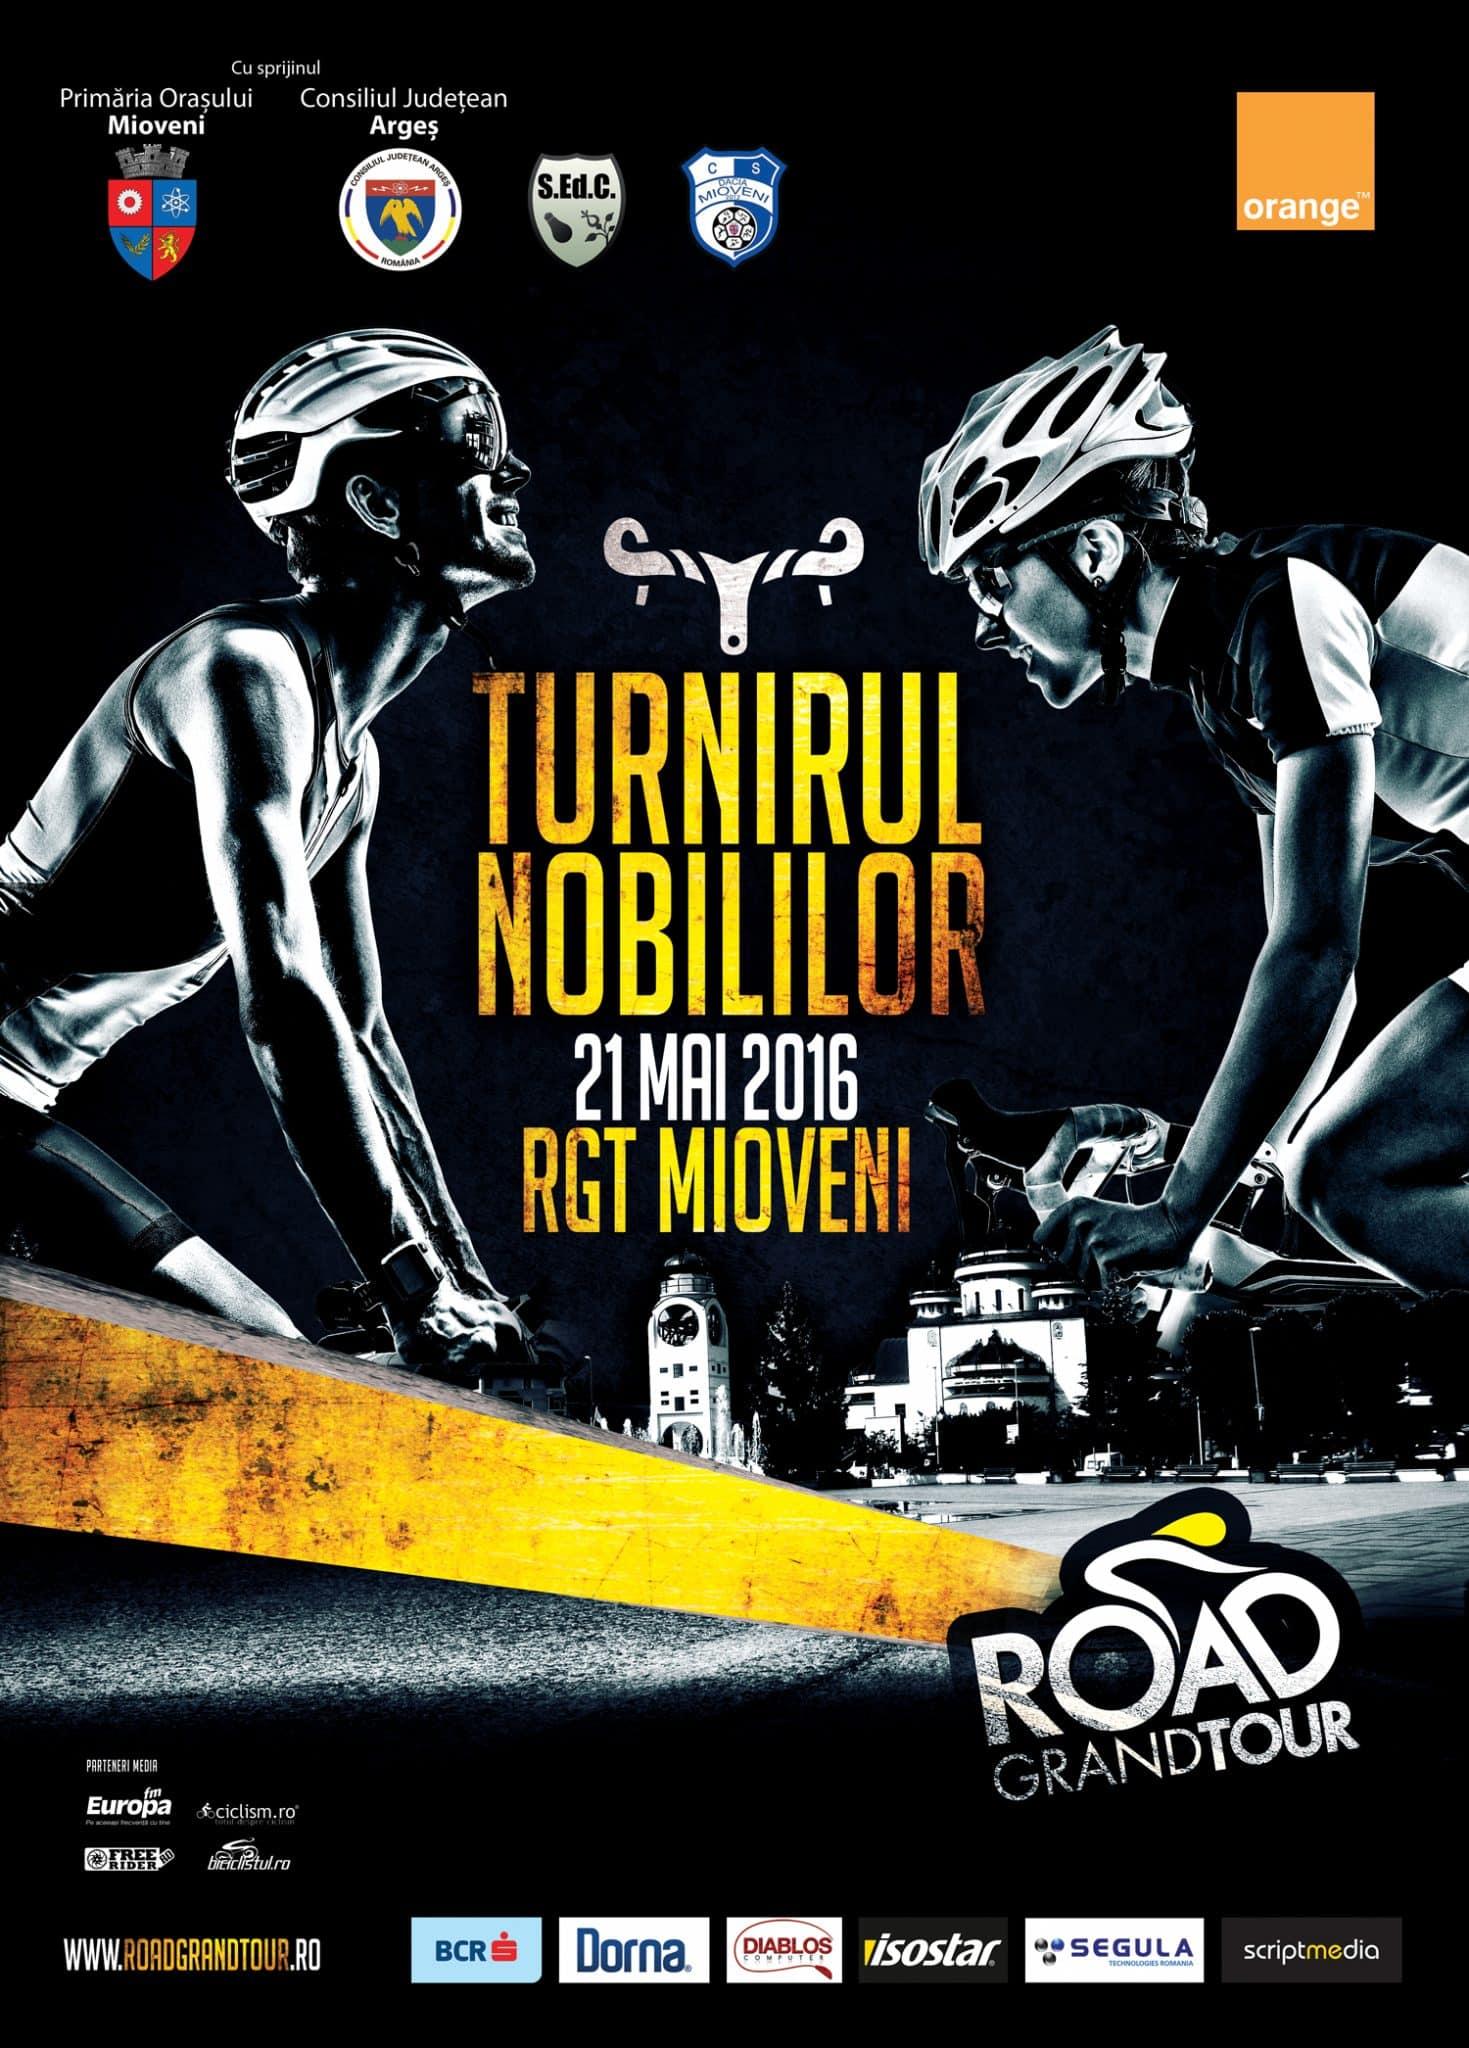 Ultimele 2 zile de înscrieri la Turnirul Nobililor,  a doua etapă Road Grand Tour 2016